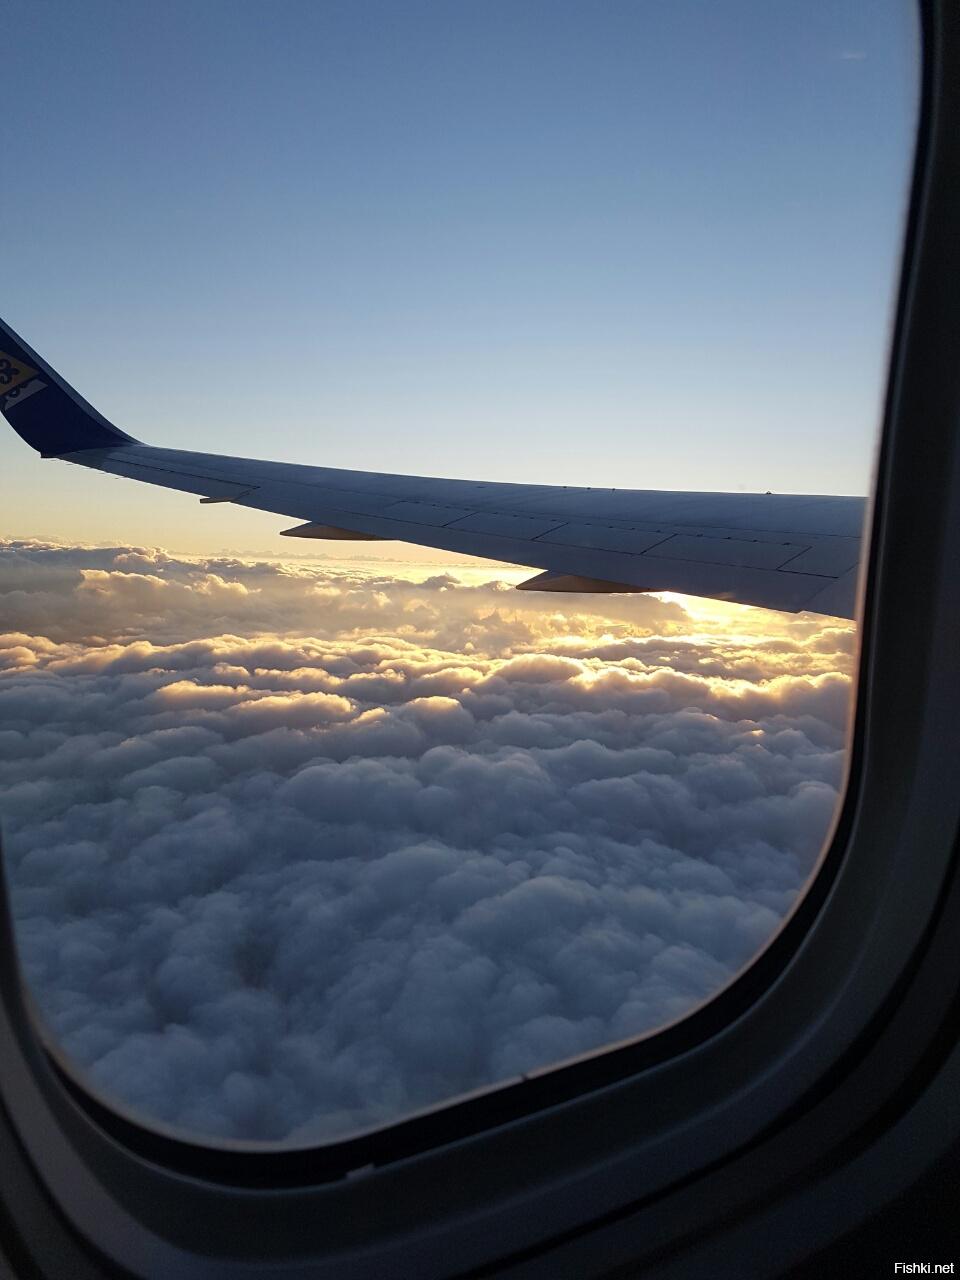 продемонстрируют красивый вид из окна самолета фото том месте, где